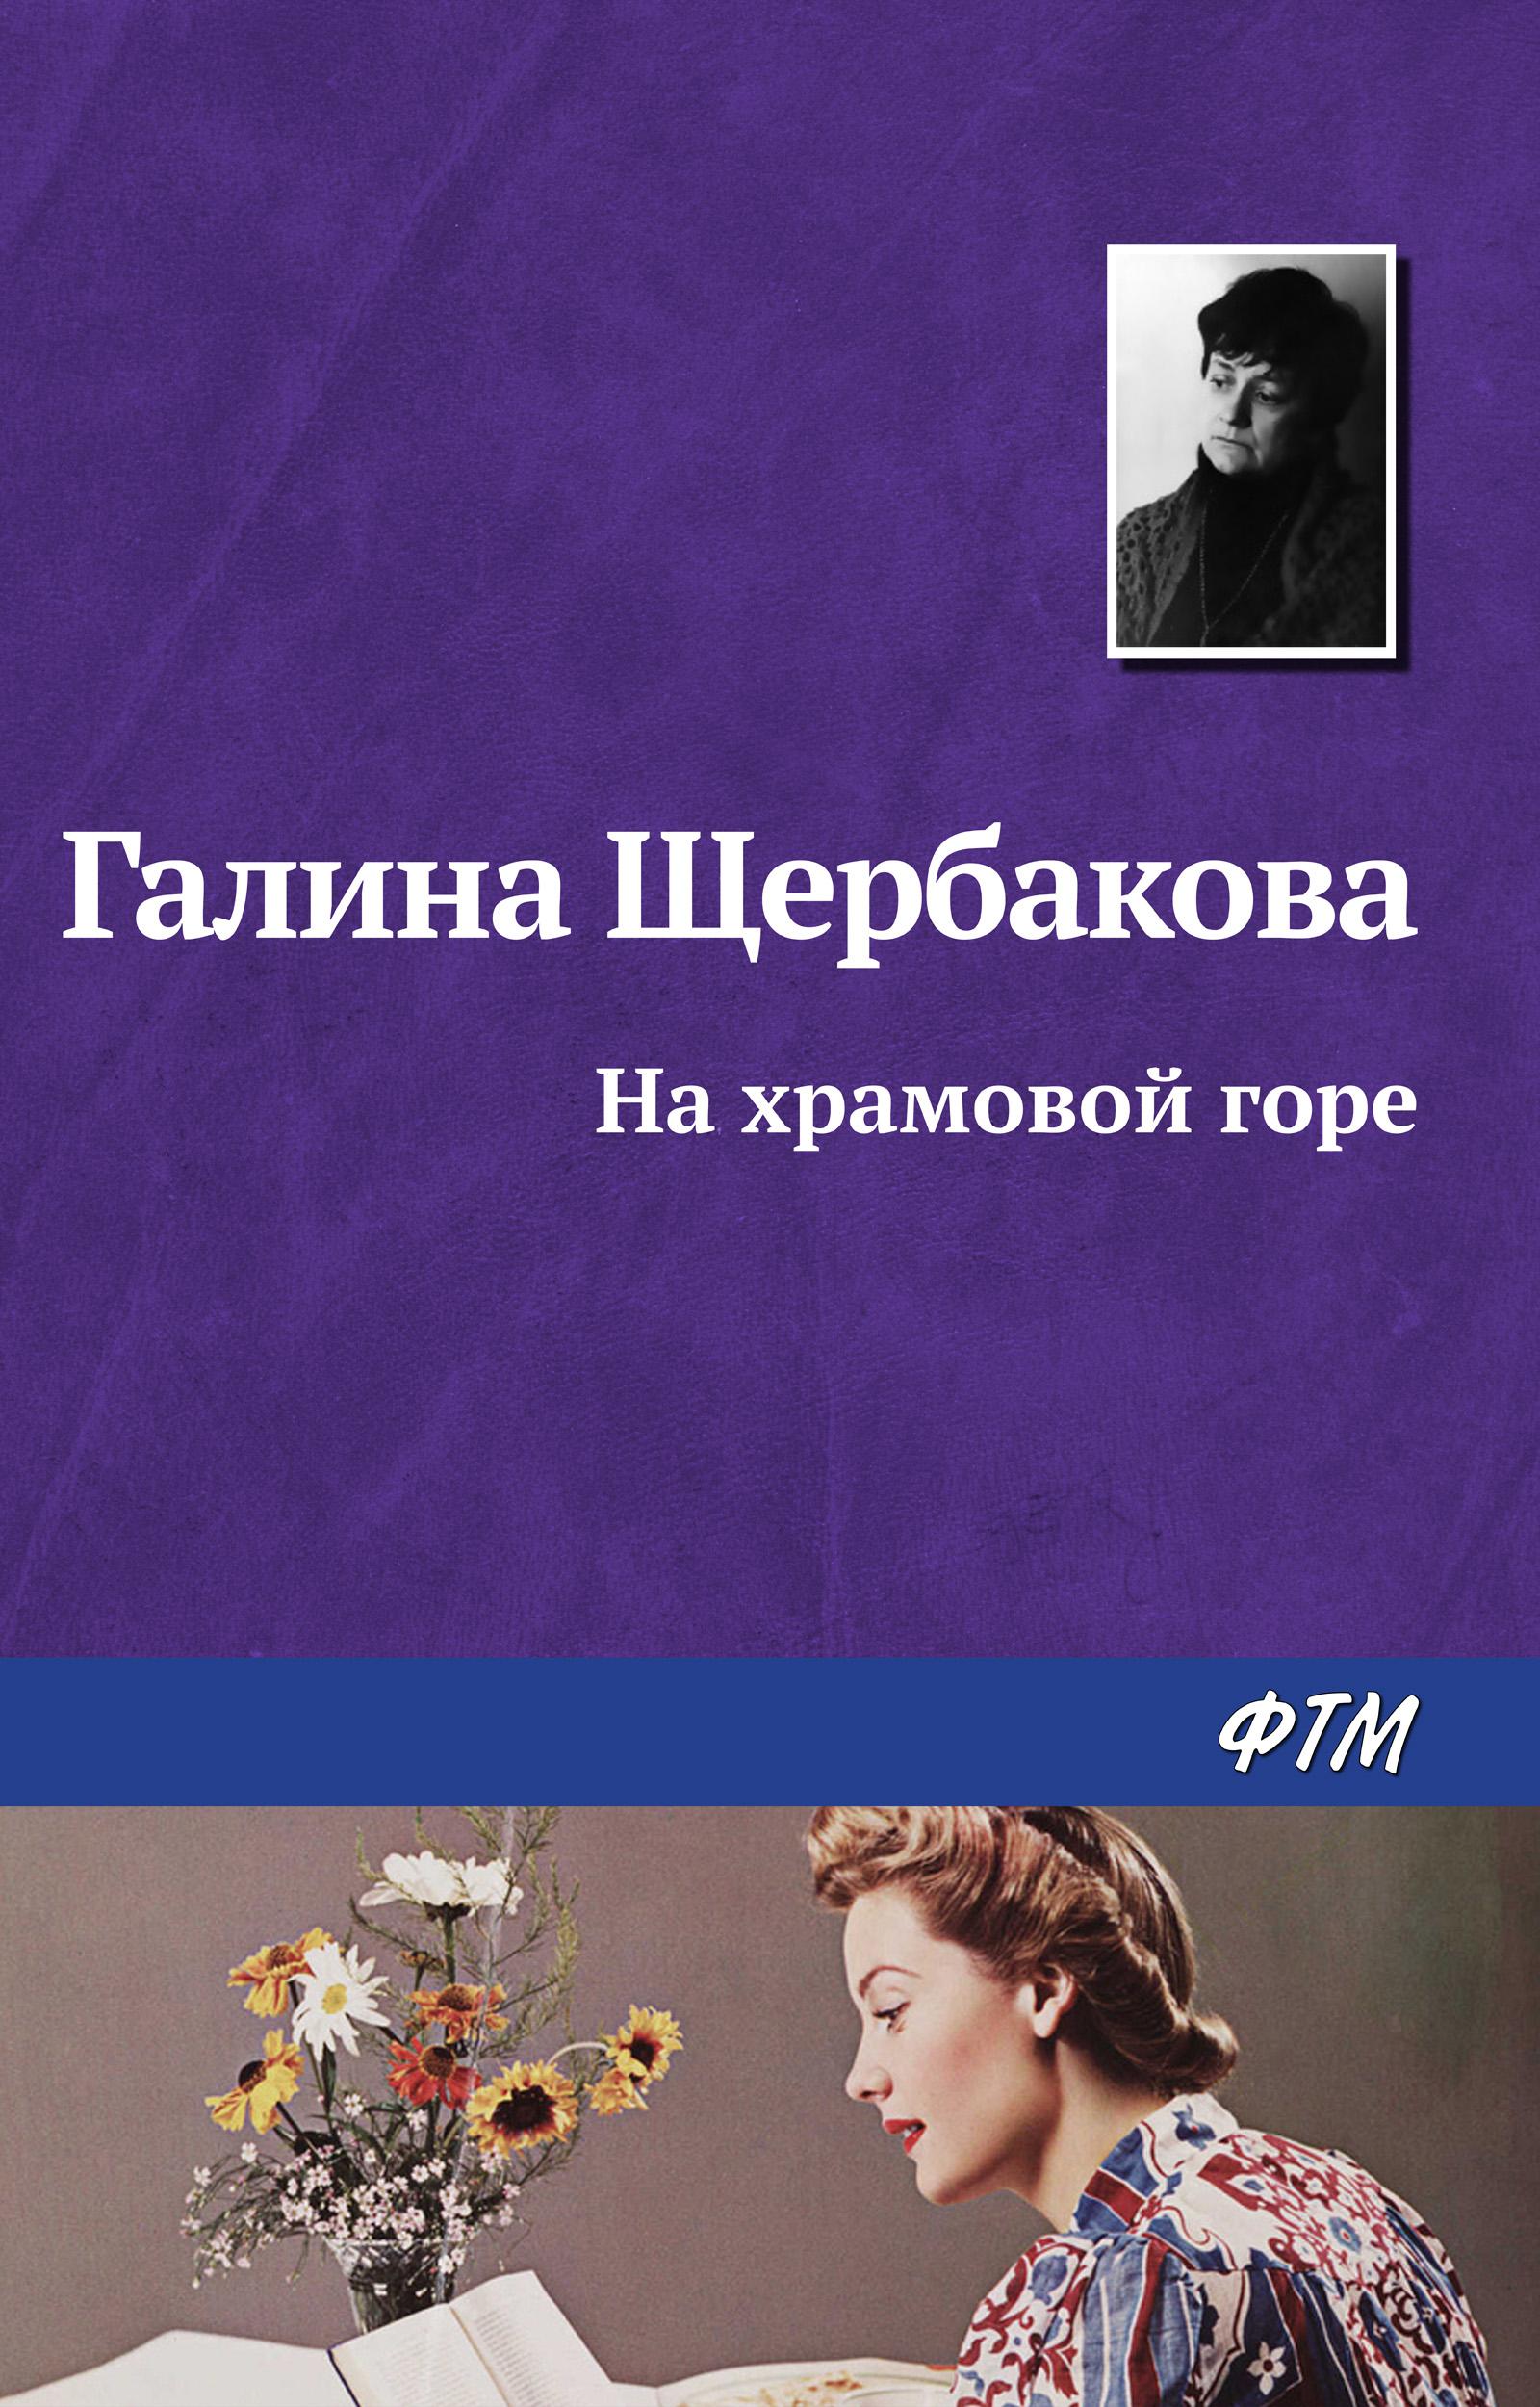 Галина Щербакова На храмовой горе